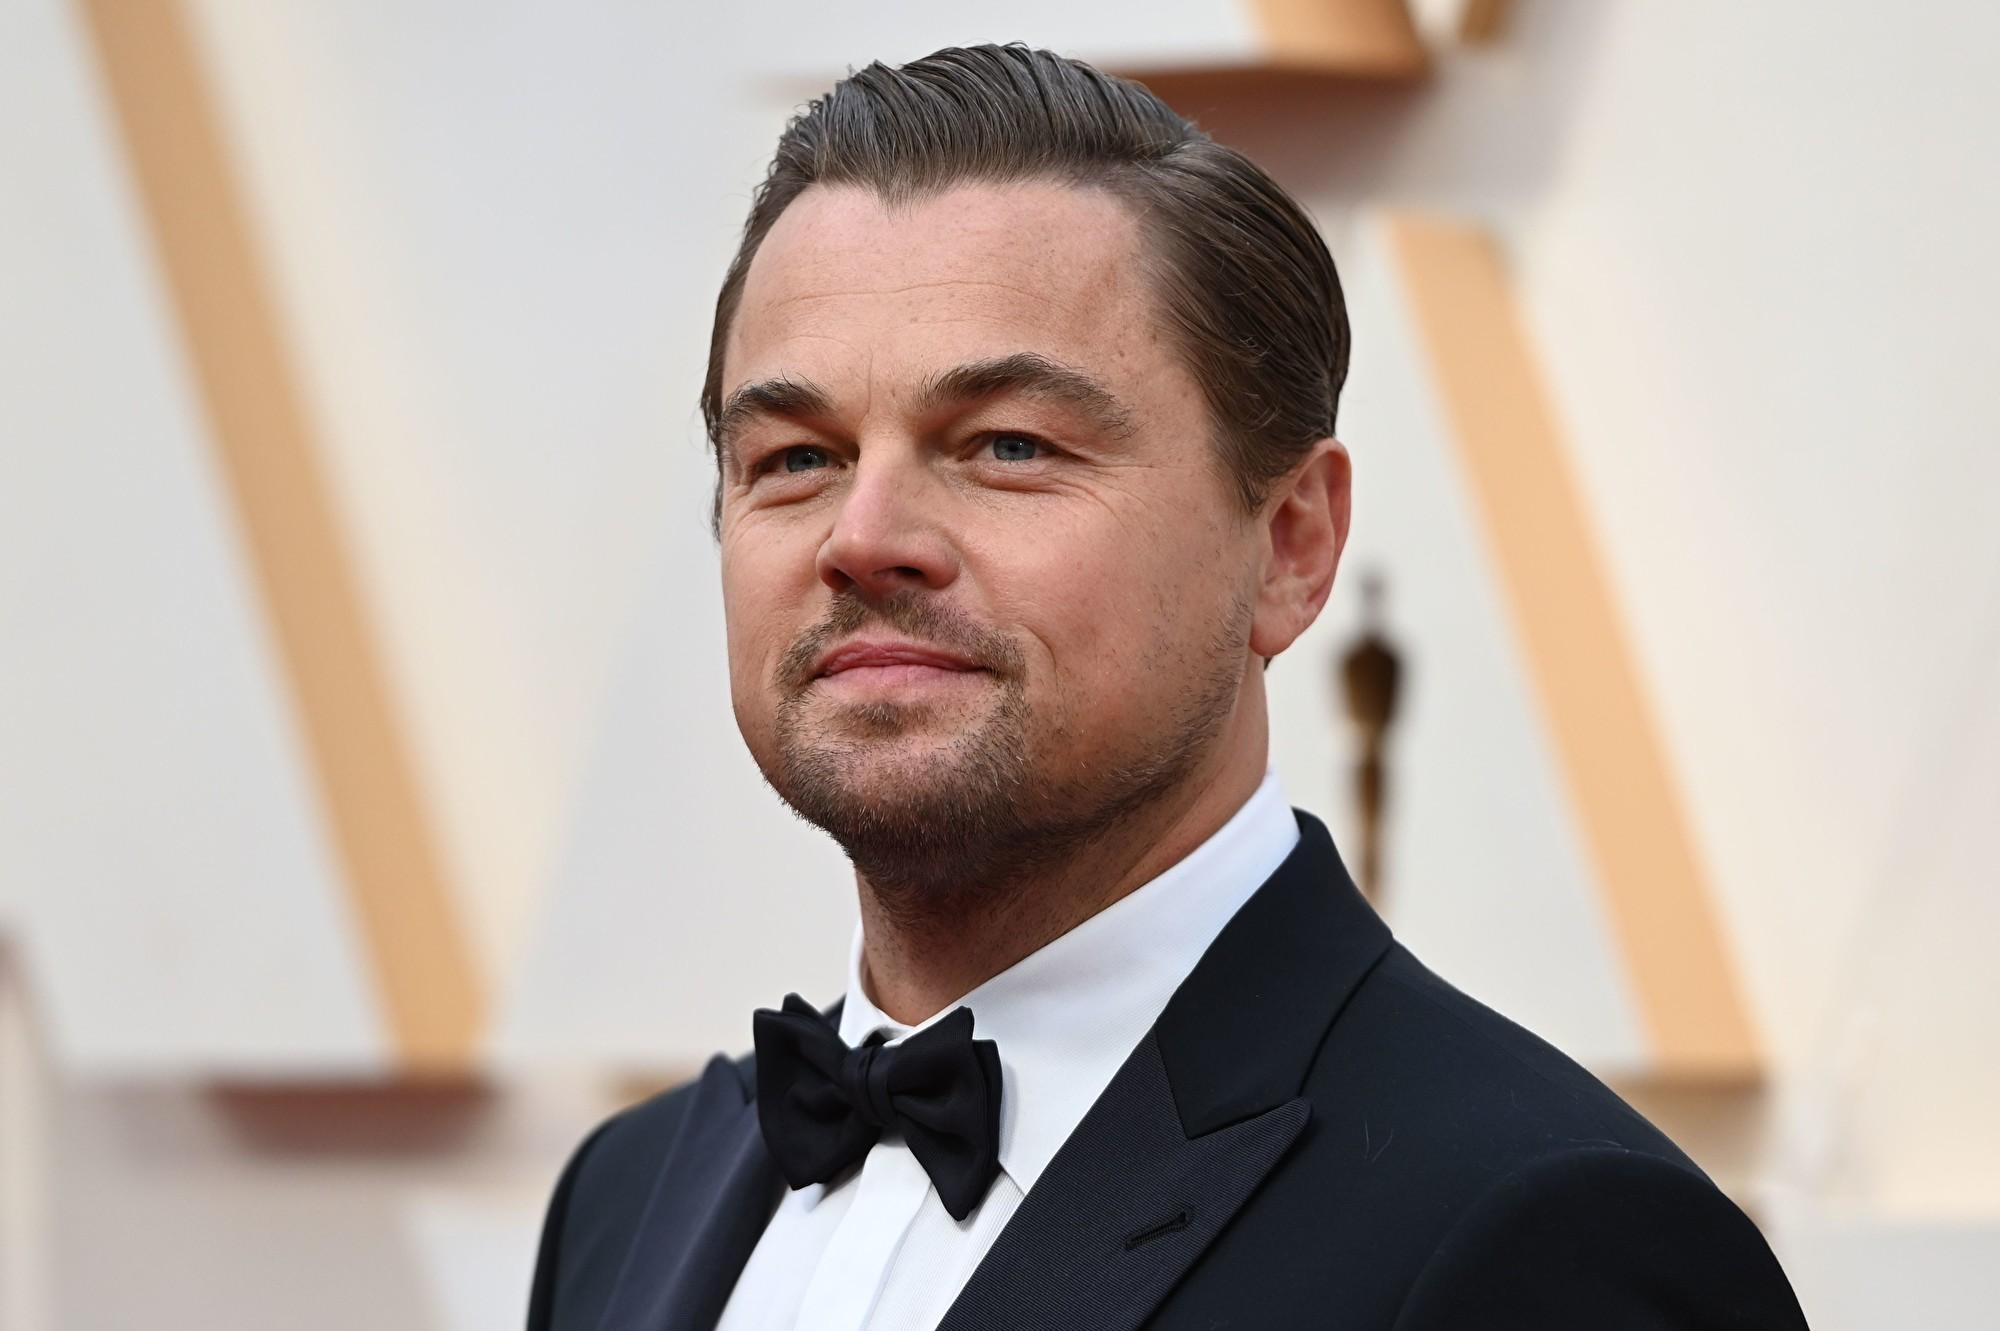 圖為美國荷里活影星萊昂納多·威廉·迪卡普里奧(Leonardo Wilhelm DiCaprio)。攝於2020年2月9日。(Robyn Beck/AFP)